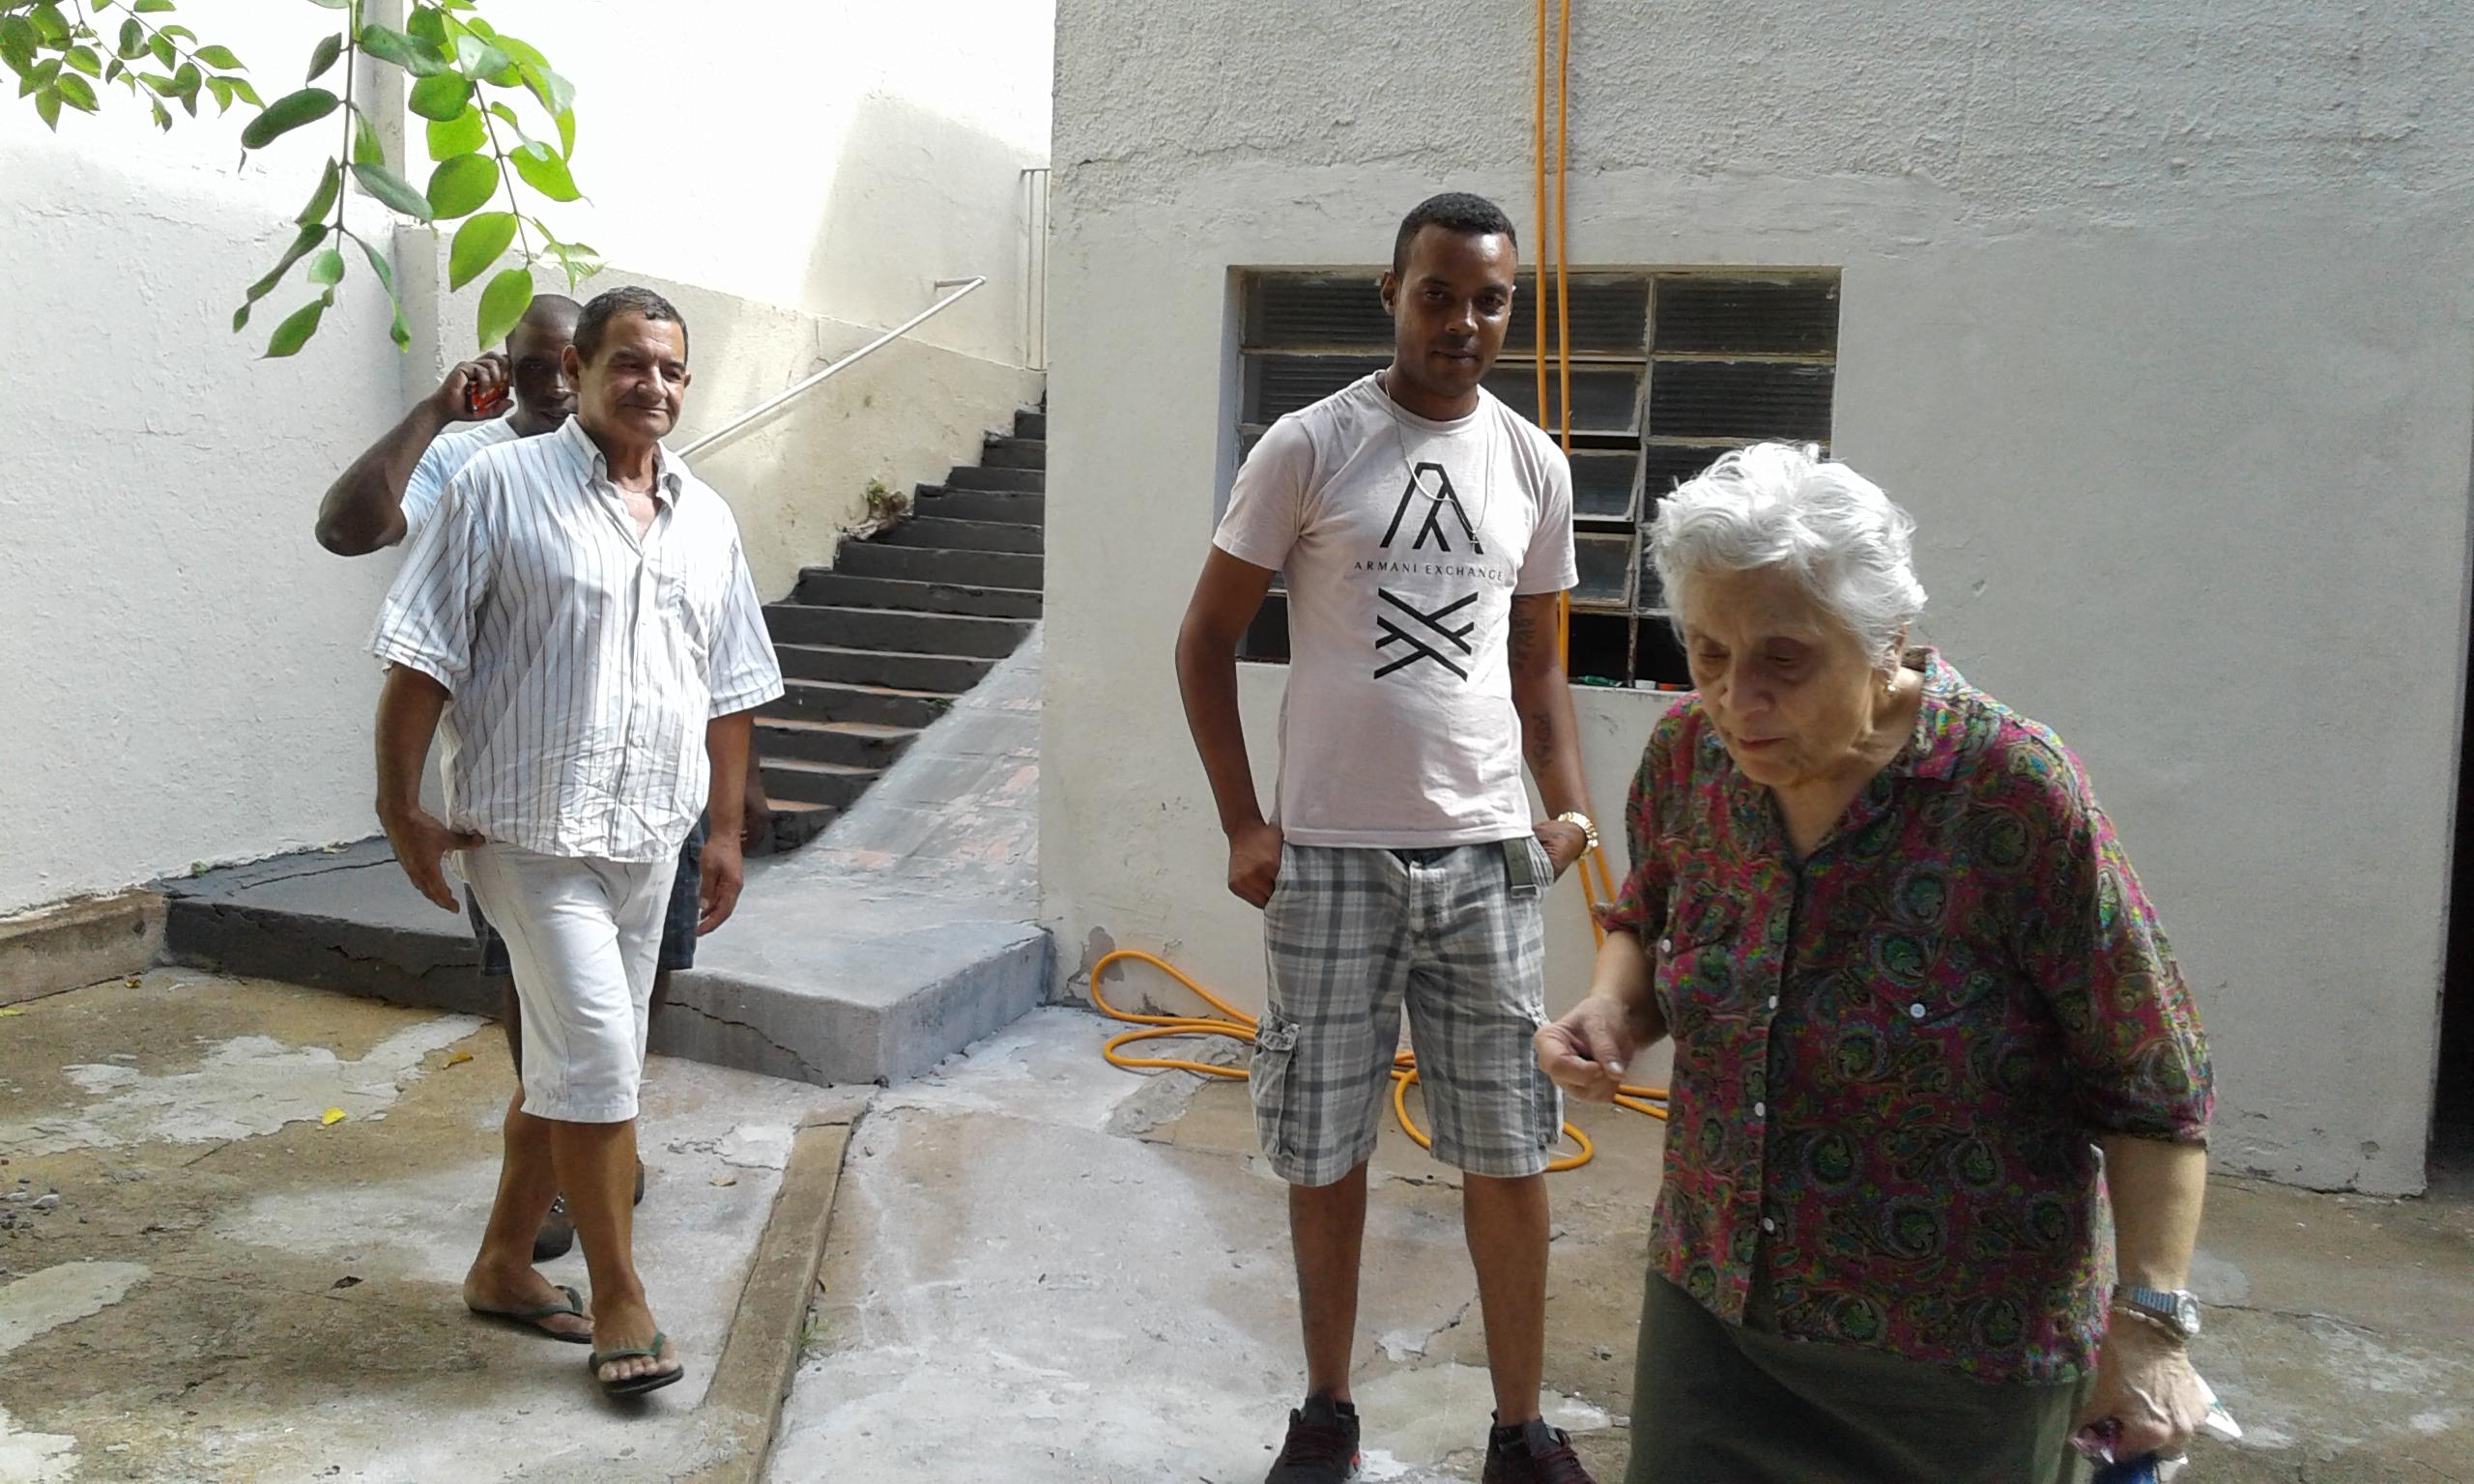 Equipe Casa de Acolhida Tra Noi Dom Carlos